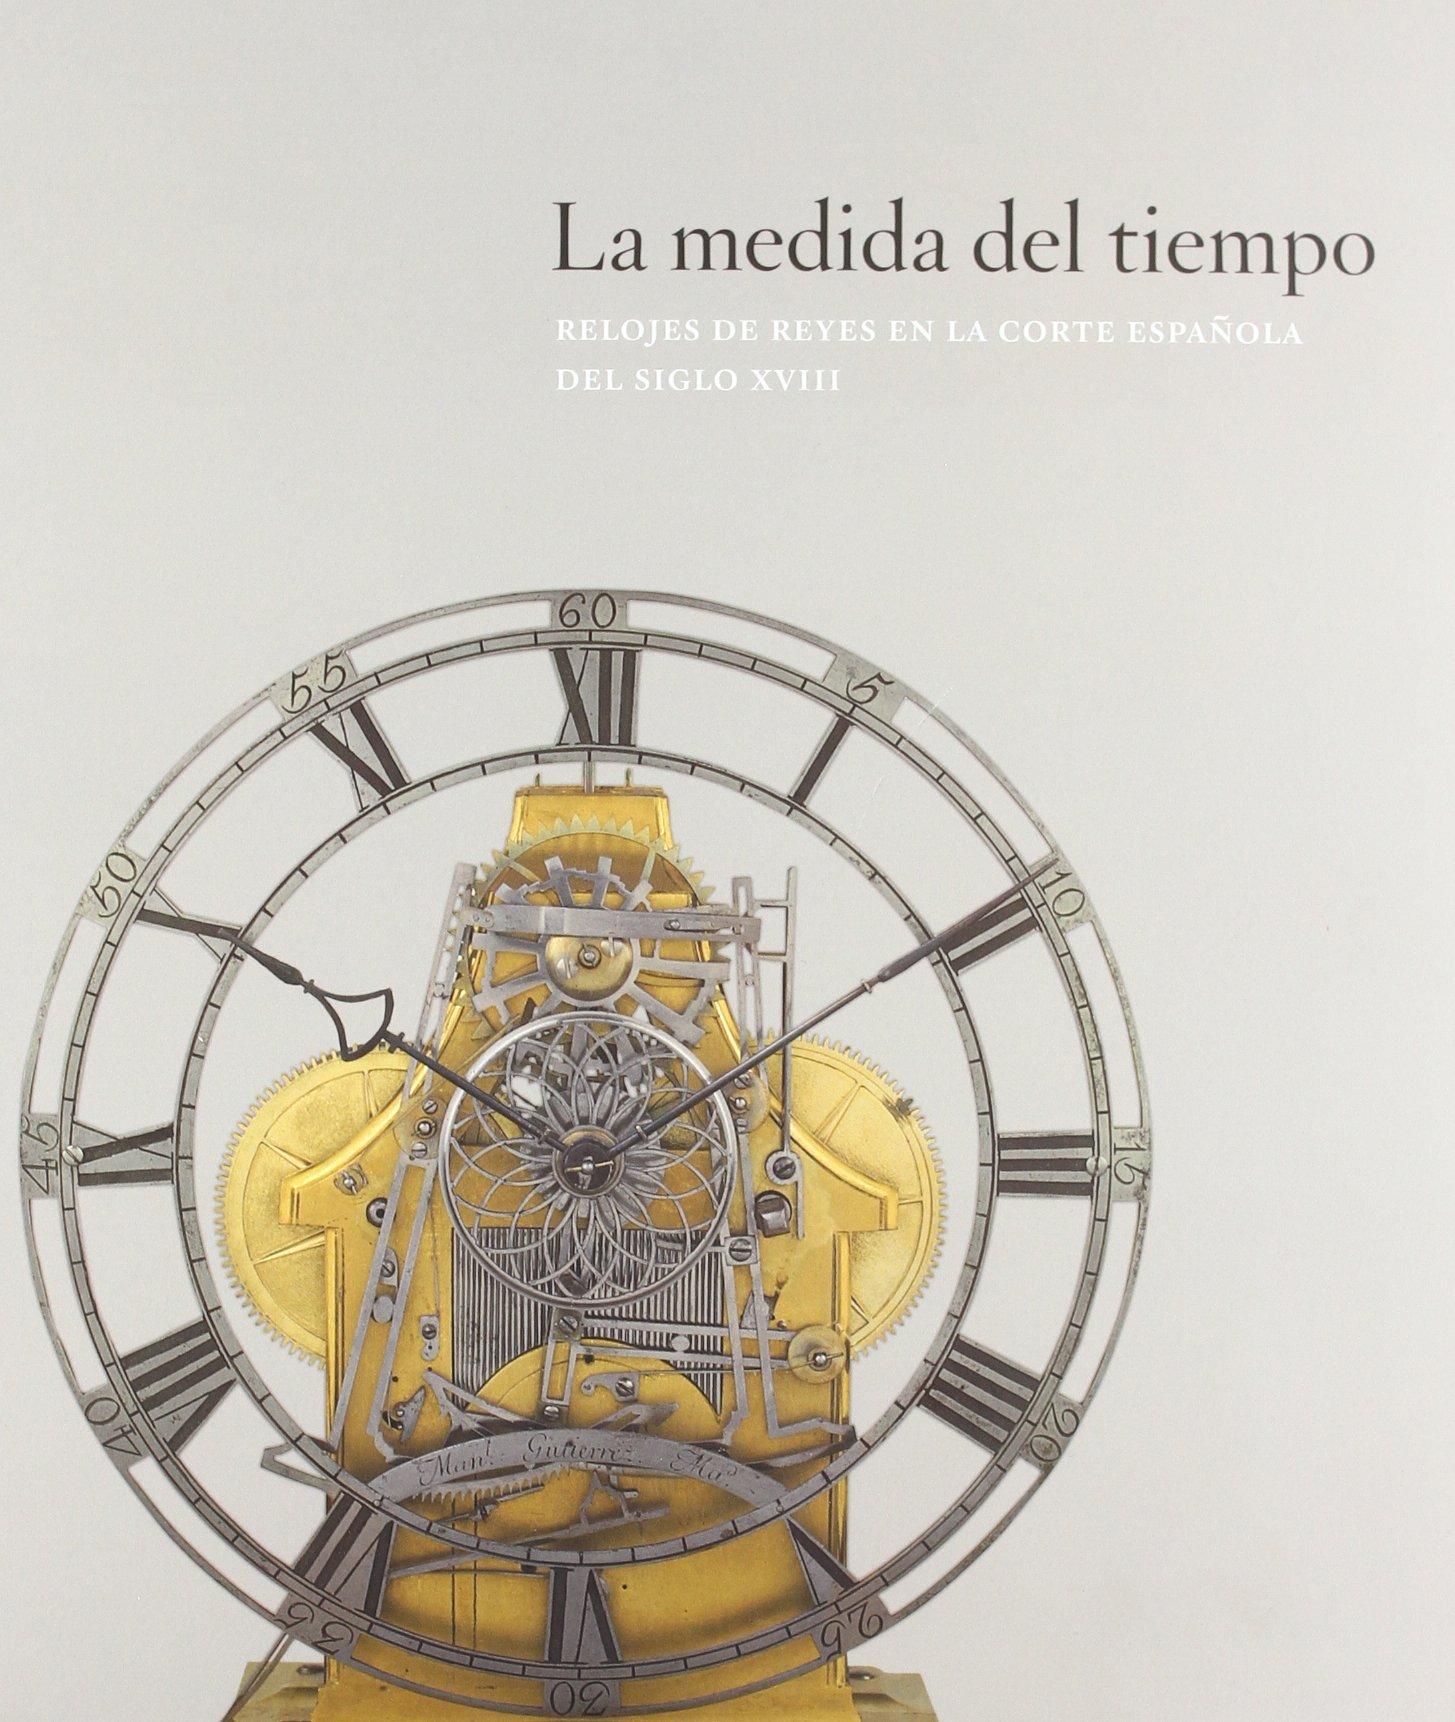 La medida del tiempo: relojes de reyes en la Corte Española del siglo XVIII: Amazon.es: Aranda Huete, Amelia, Matthews, Wade, Westbury, Fiona, Dodman, Jenny F.: Libros